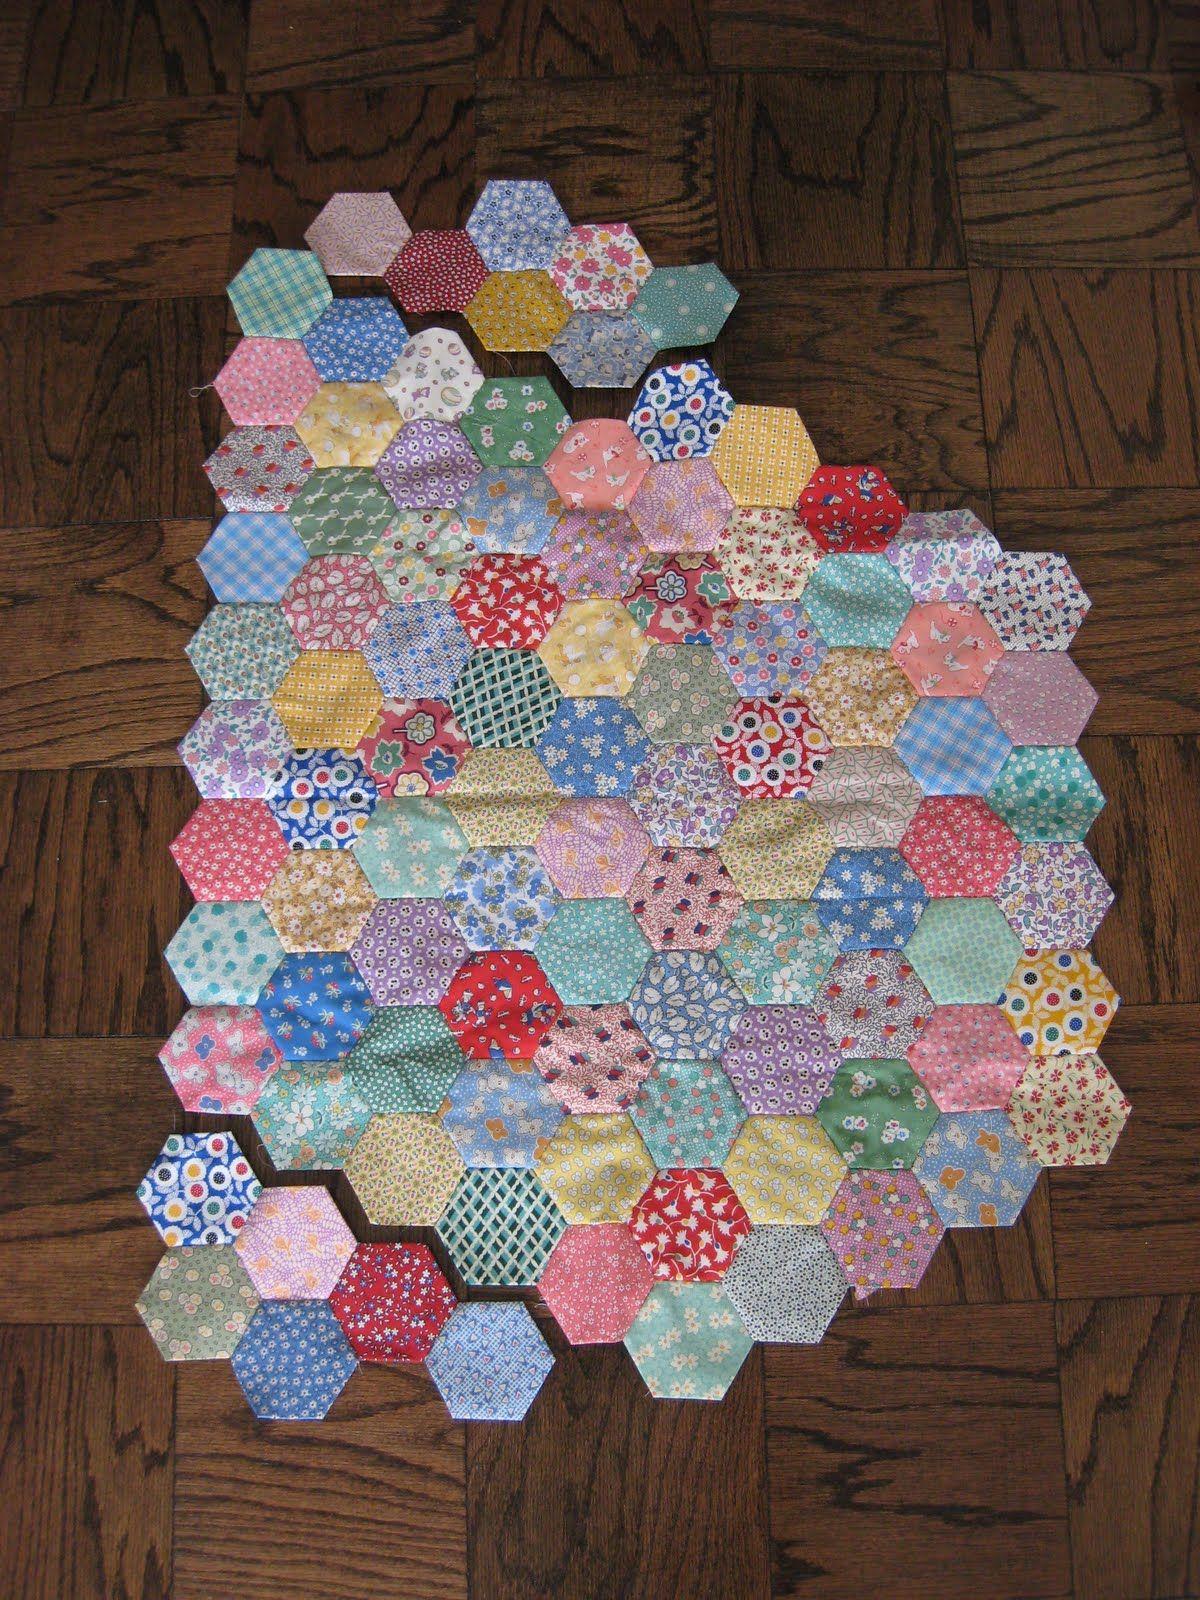 Patchwork Duck Designs: Handpieced Hexagons - Tutorial (Part 1 of 2)